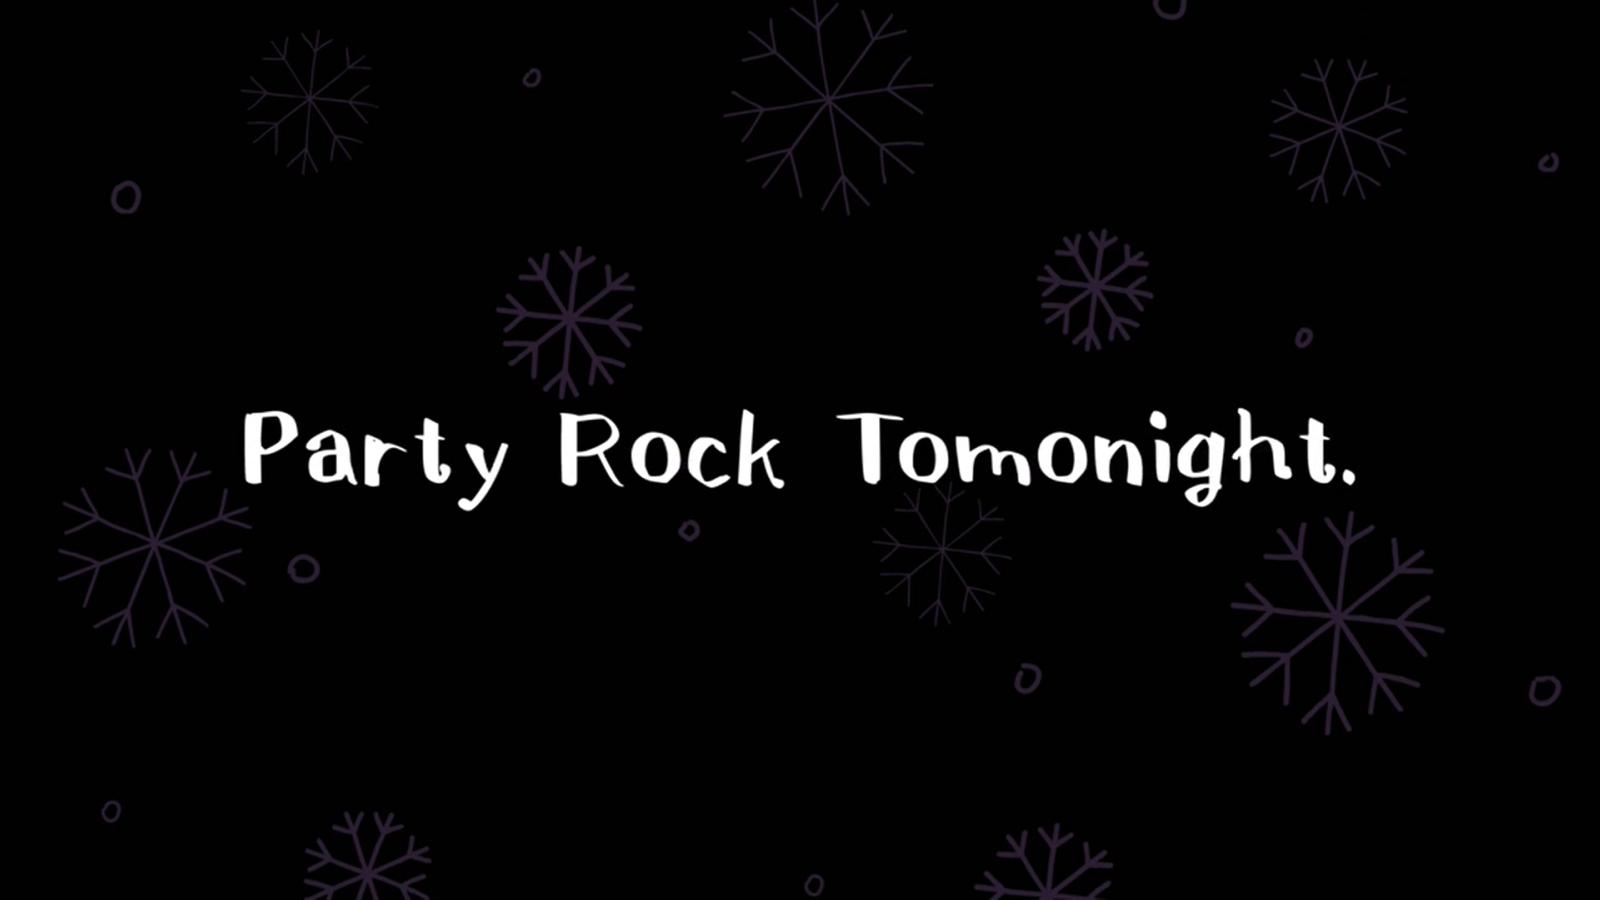 木村ともや生誕~Party Rock Tomonight~